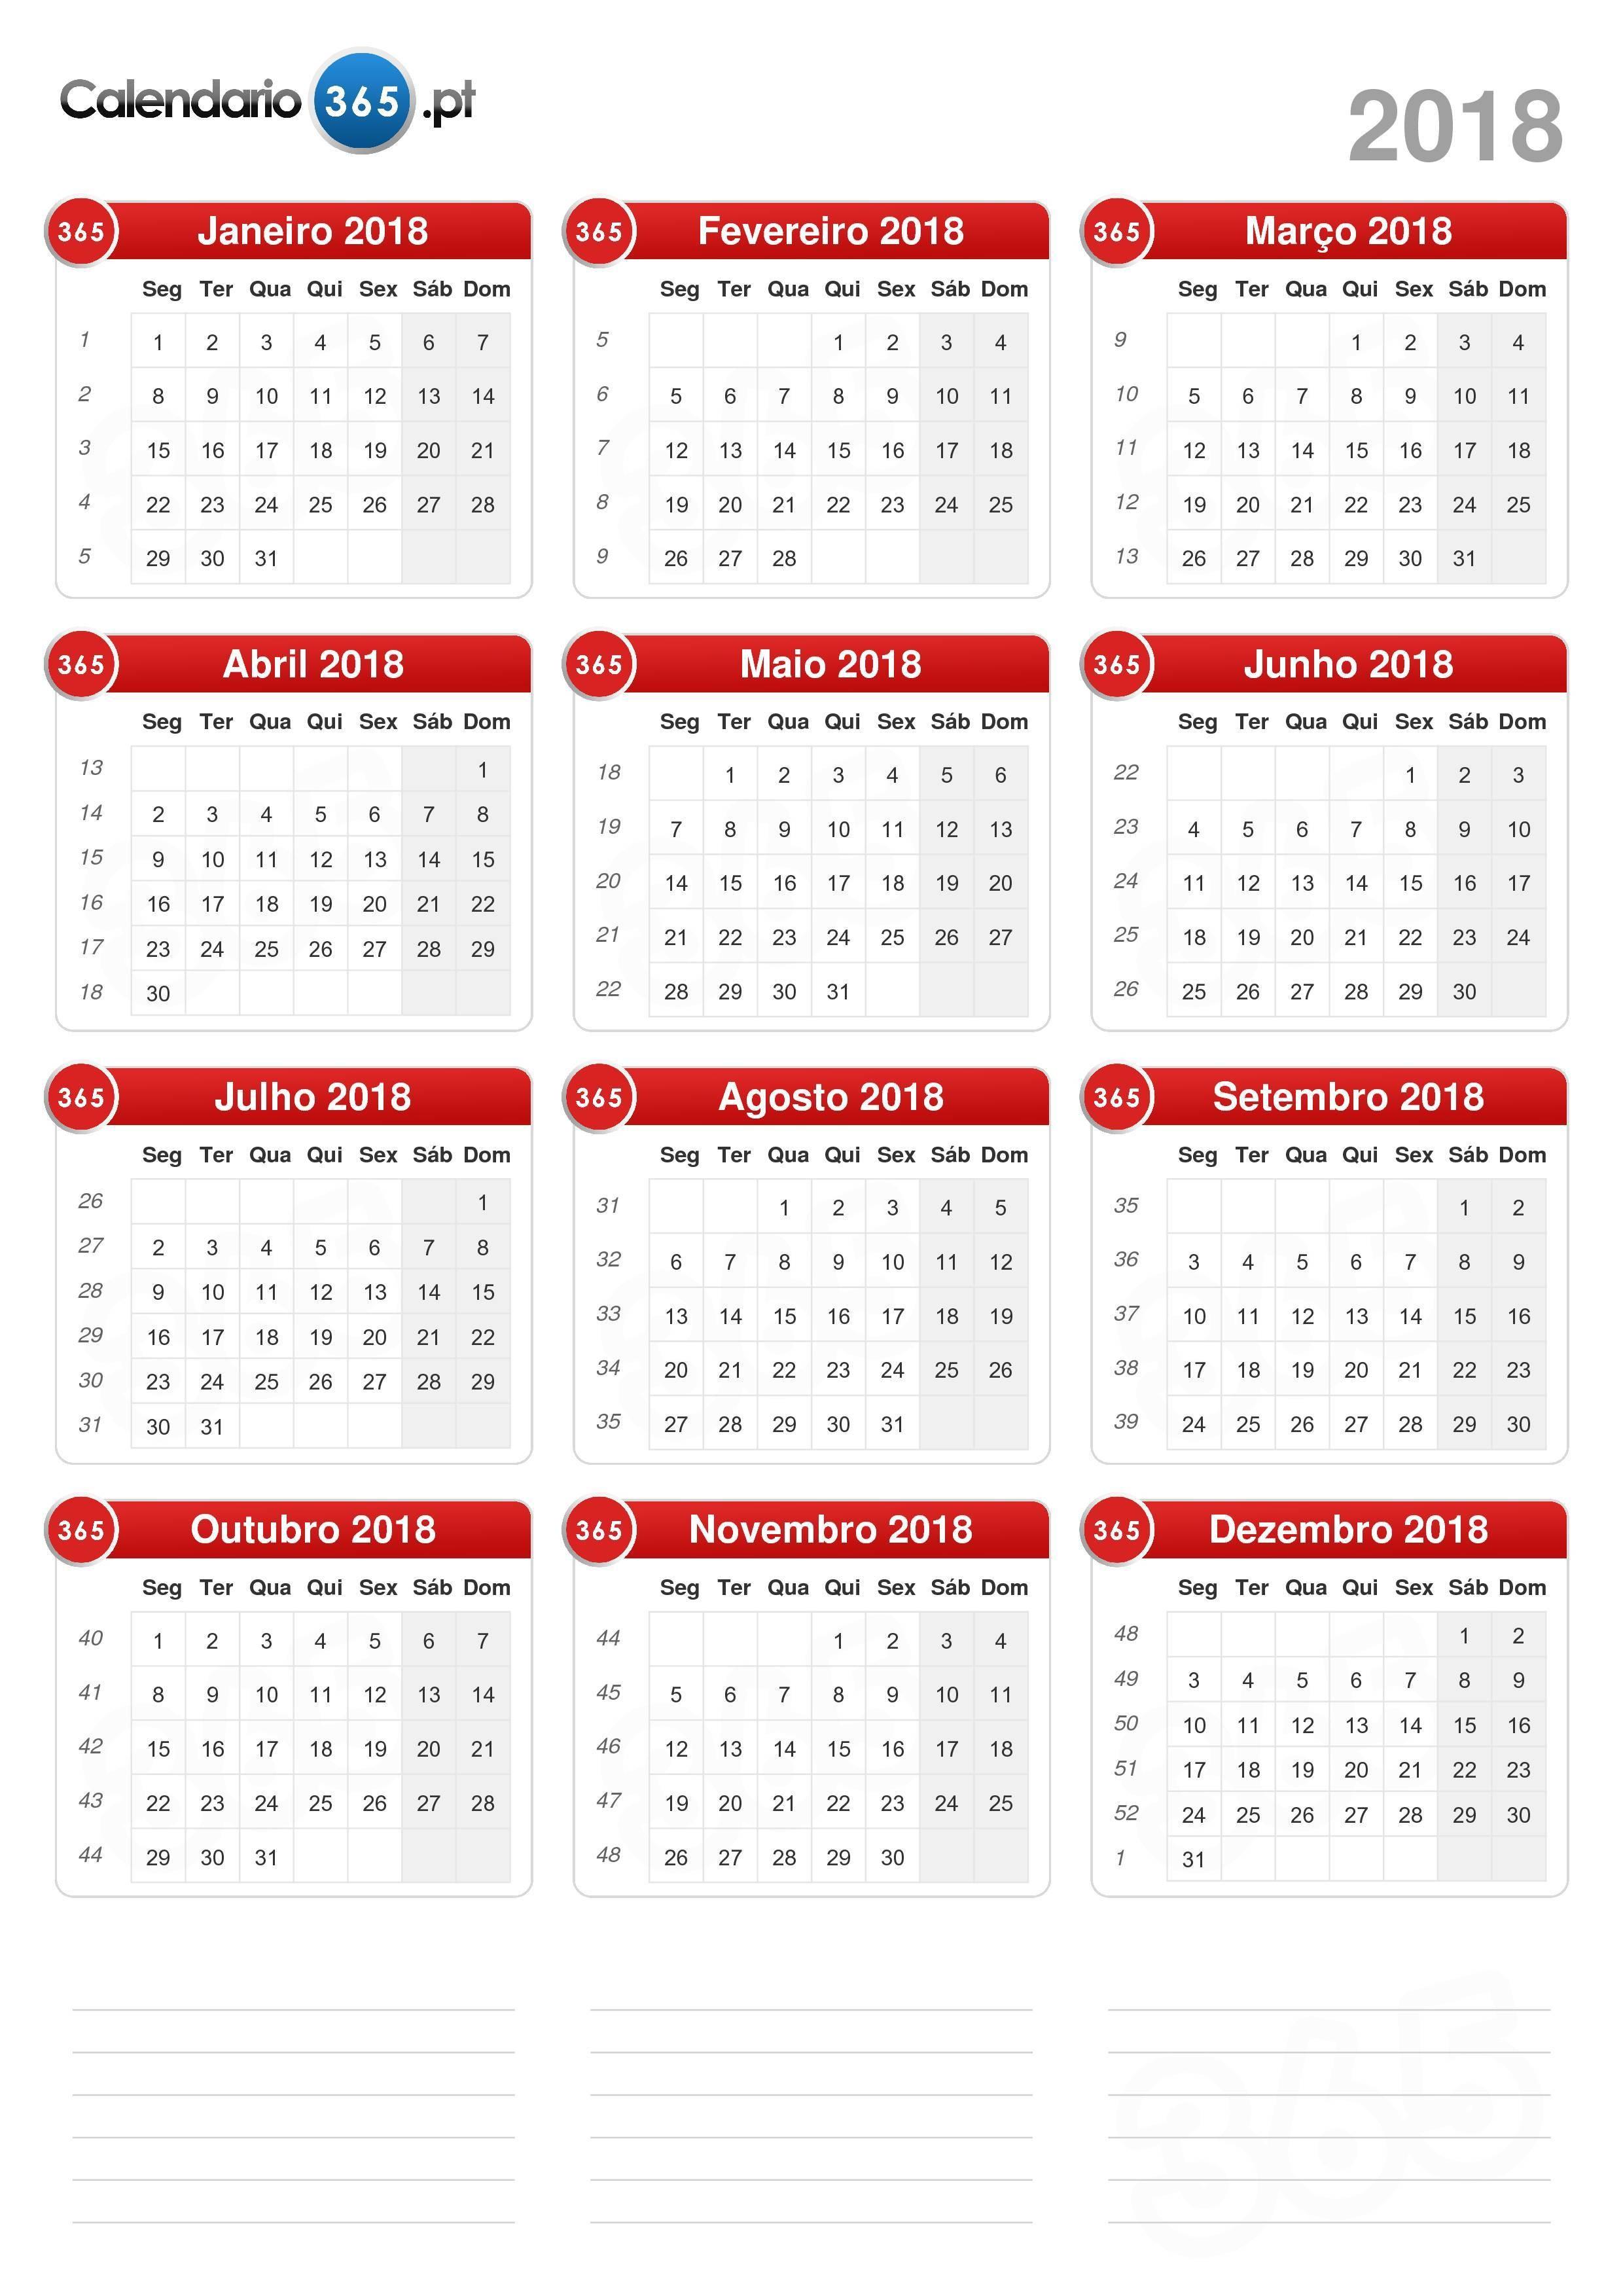 Calendário De Mesa 2019 Para Imprimir Gratis Actual Calendário 2018 Of Calendário De Mesa 2019 Para Imprimir Gratis Más Recientemente Liberado Christophercollins — Articles Tagged Spanish